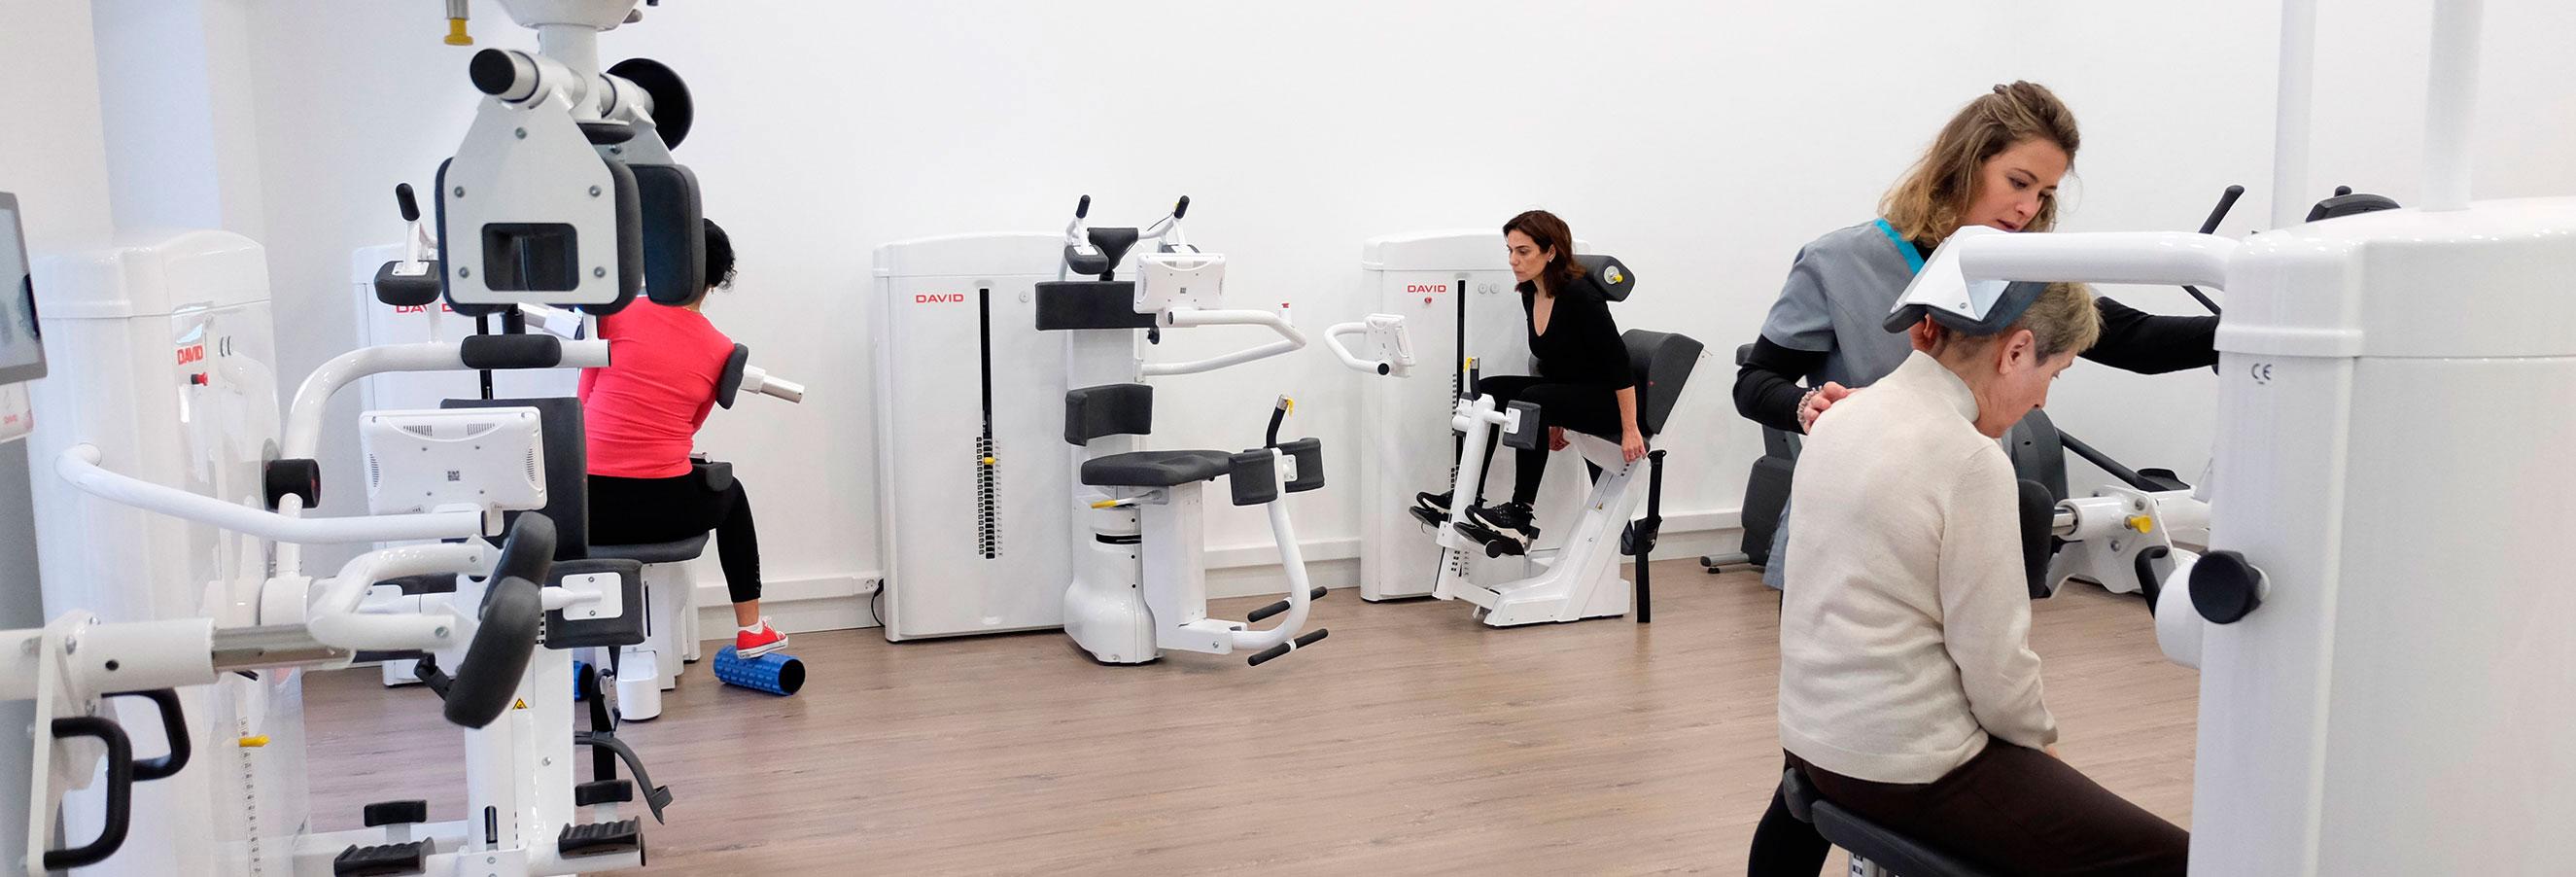 imagen de Nordic Klinika para tratar el dolor de espalda en Vitoria